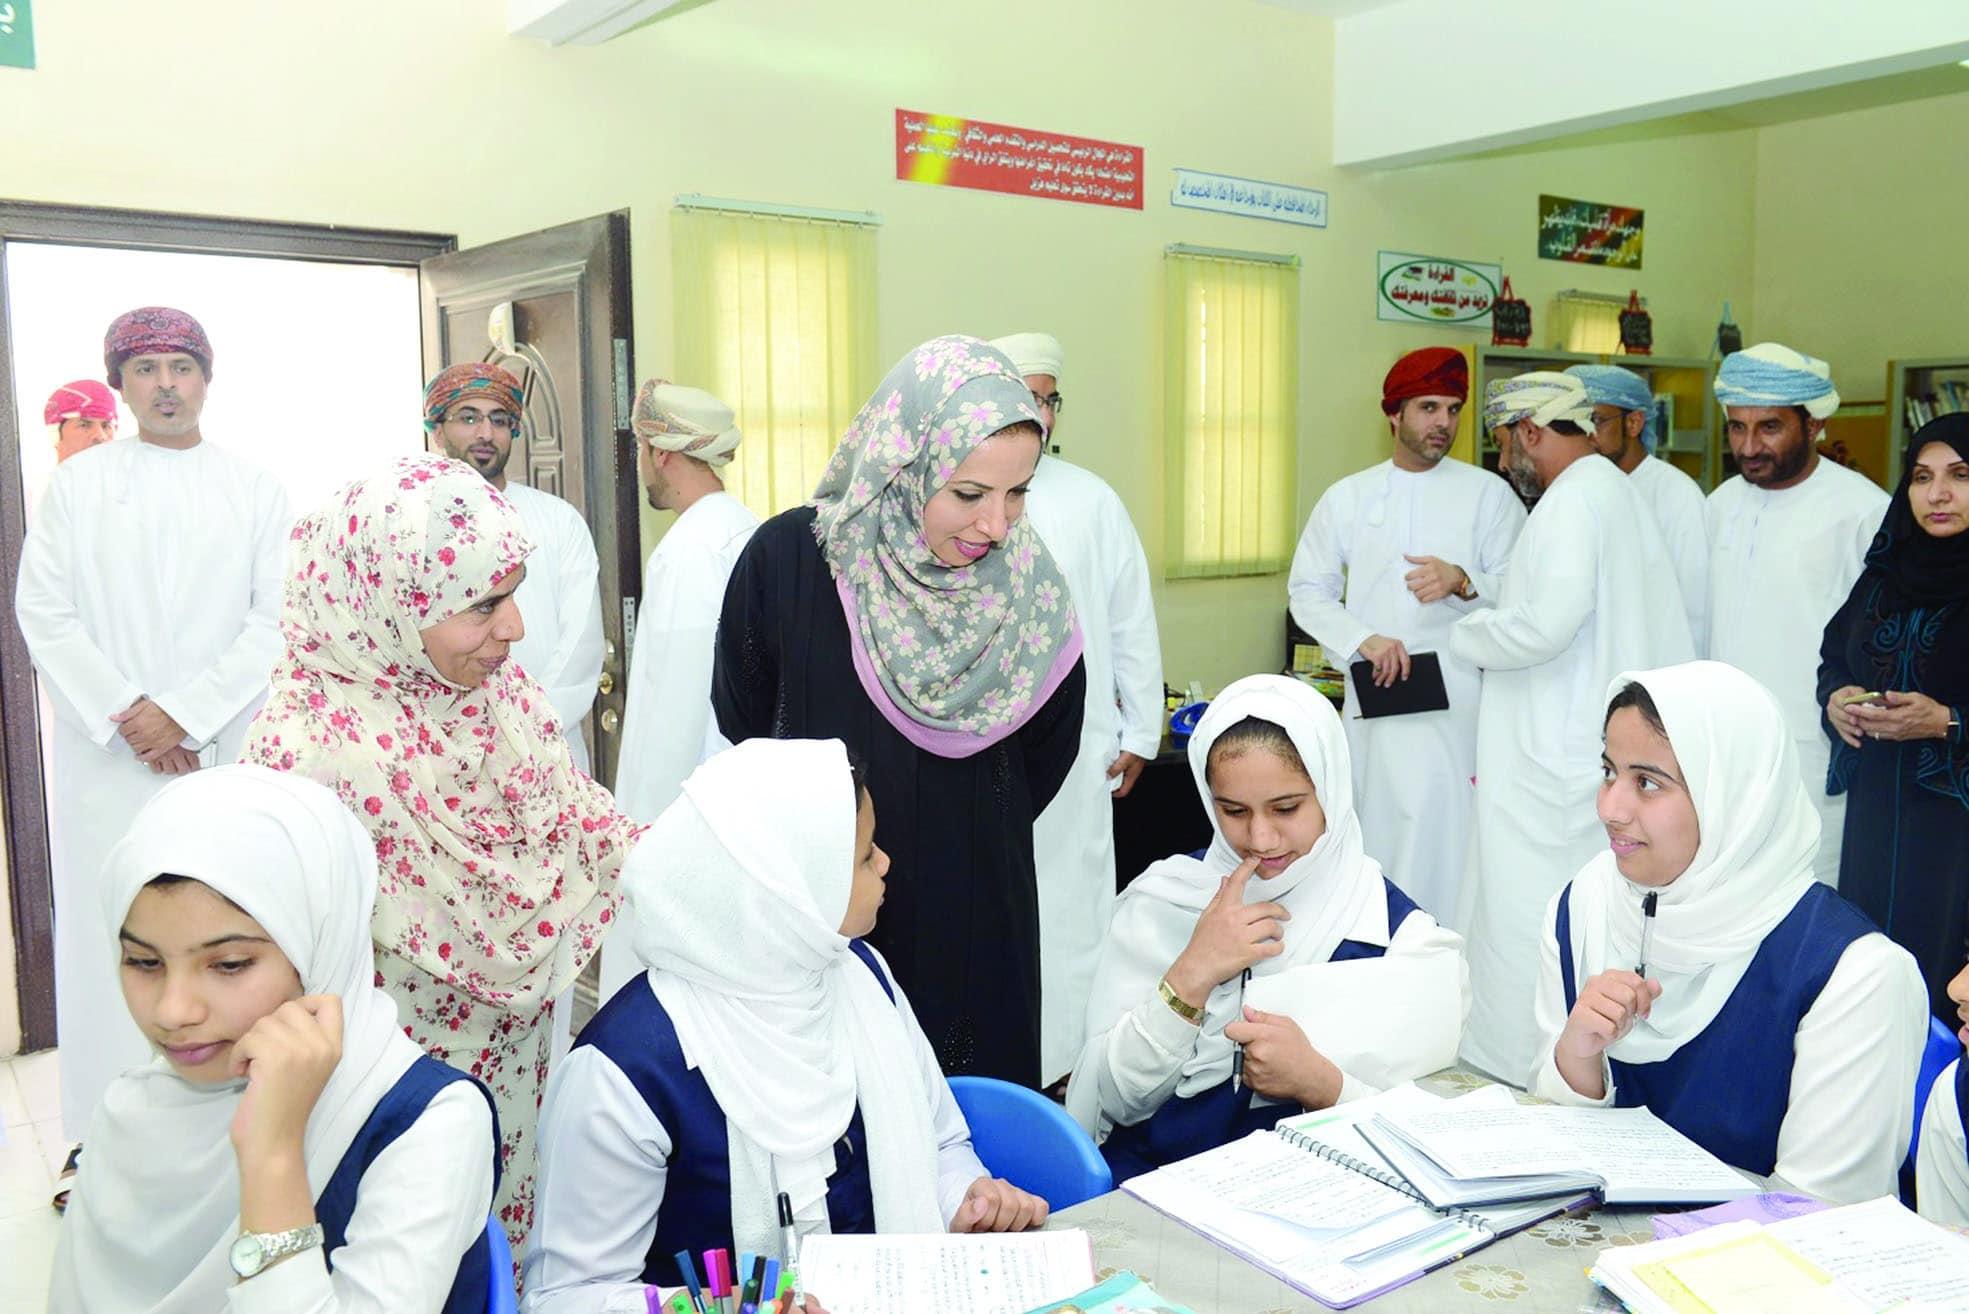 اغلاق المدارس في سلطنة عمان لتفشي كورونا